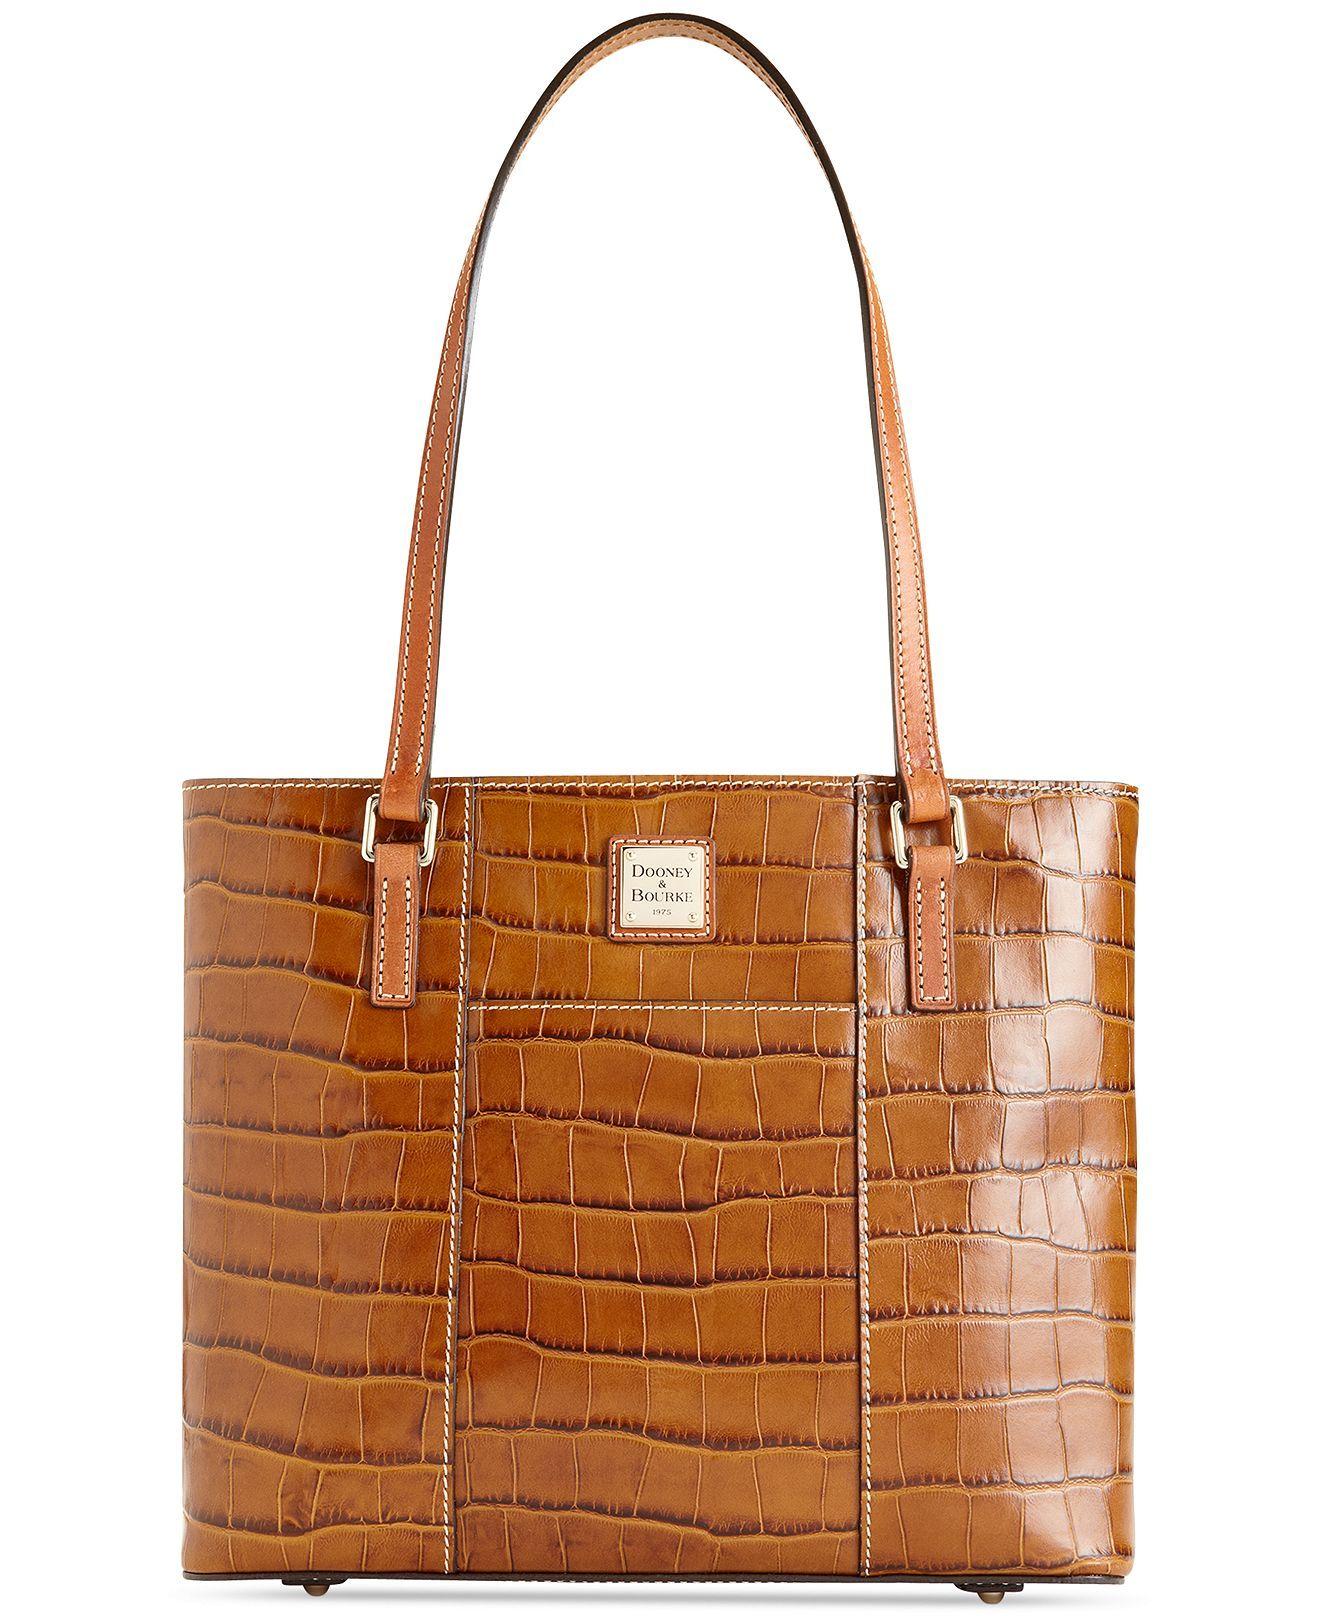 Dooney Bourke Handbag Croco Small Lexington Tote Handbags